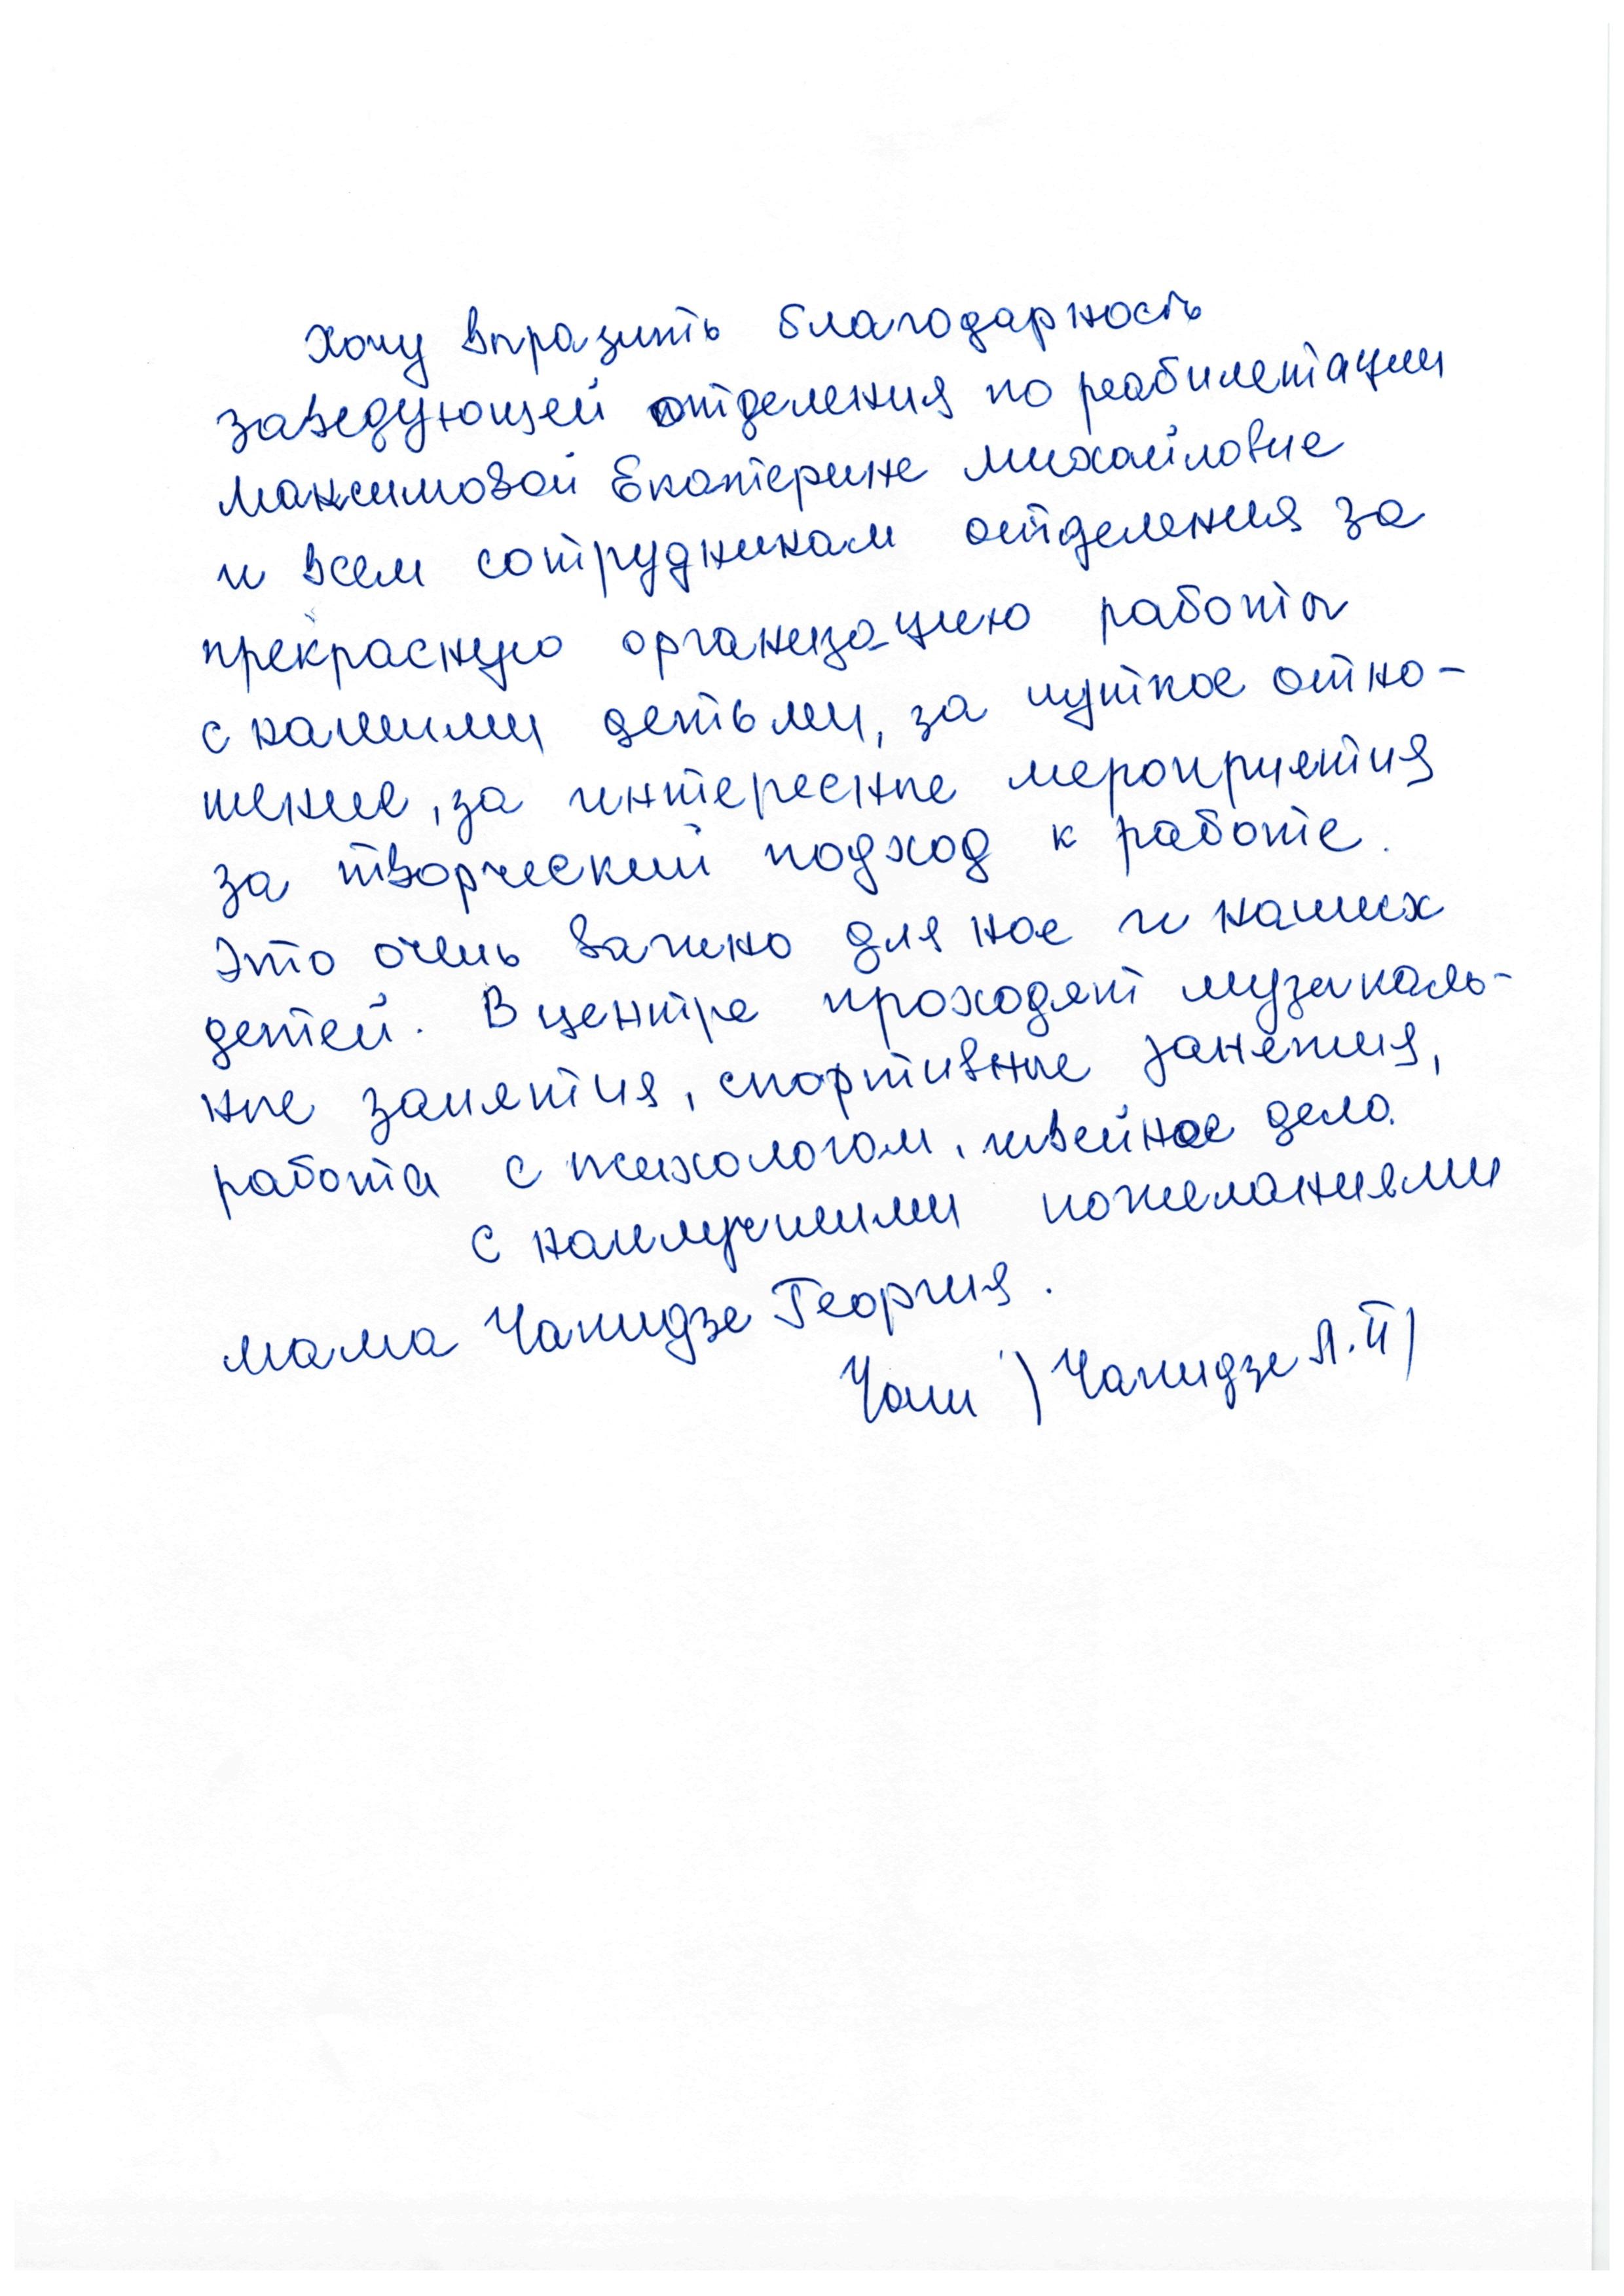 Отзыв Чапидзе Л. П.